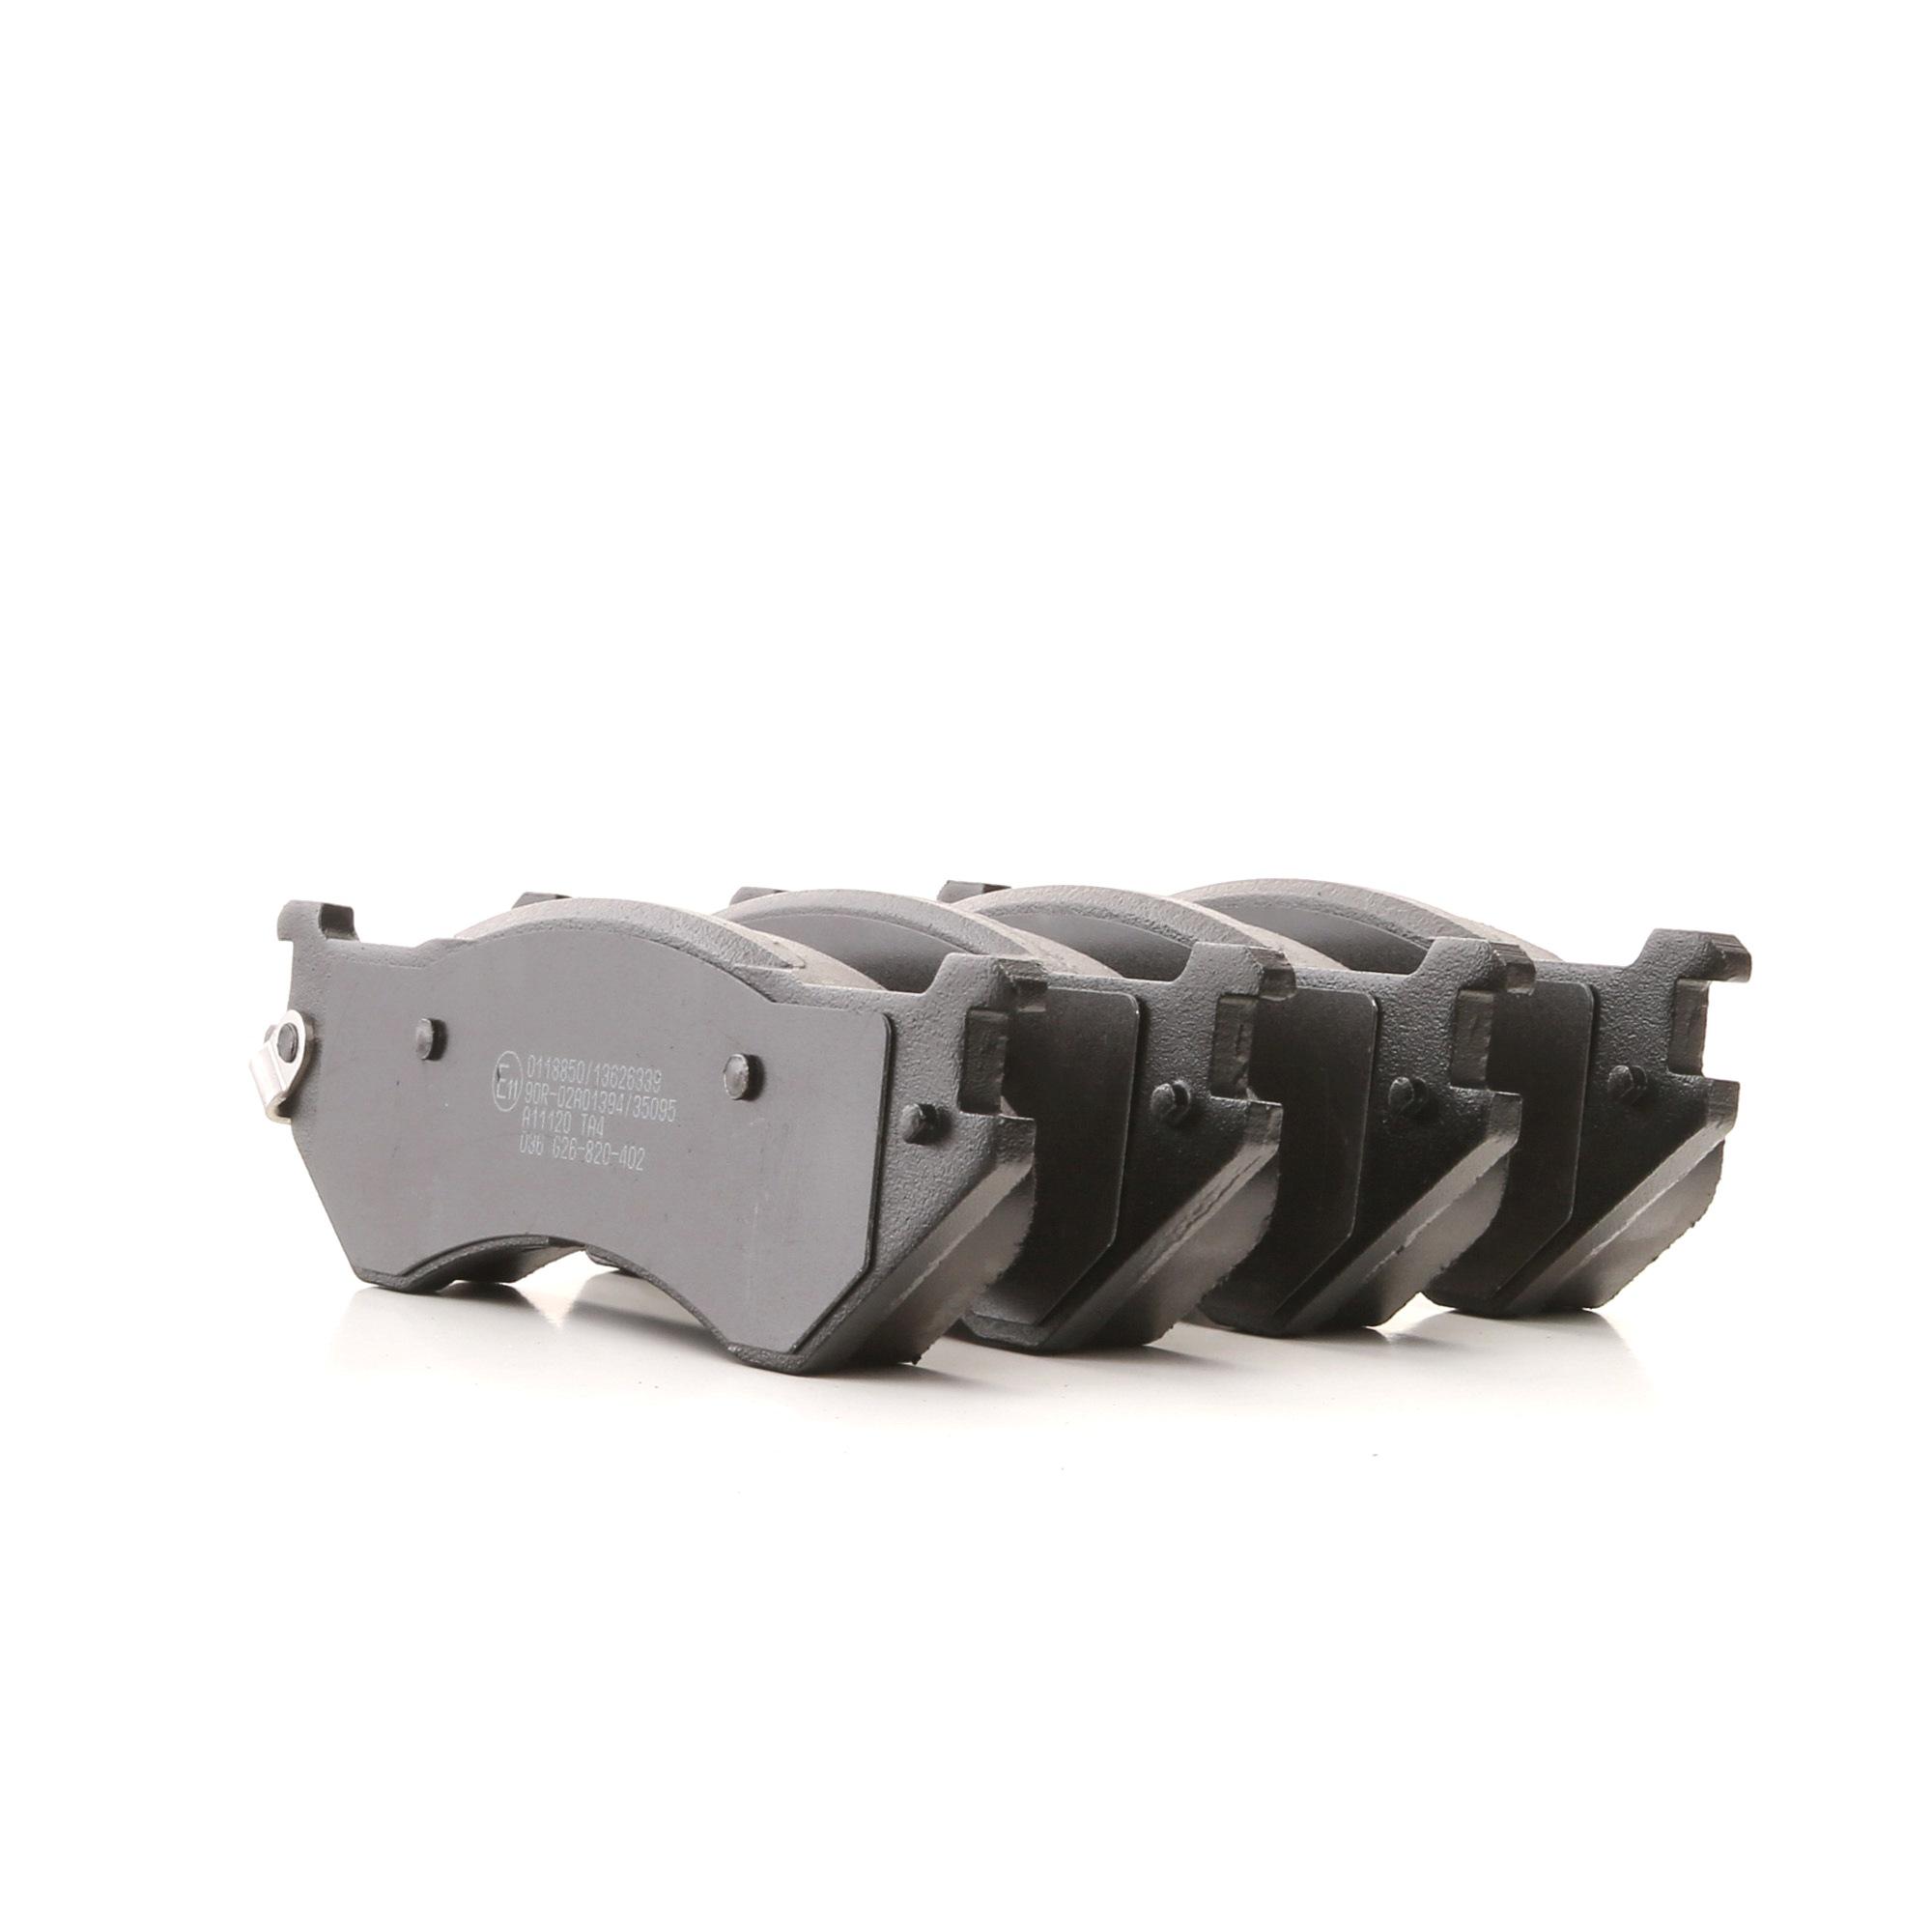 DODGE DURANGO 2018 Bremssteine - Original STARK SKBP-0011891 Höhe: 56,5mm, Breite: 188,5mm, Dicke/Stärke: 16,5mm